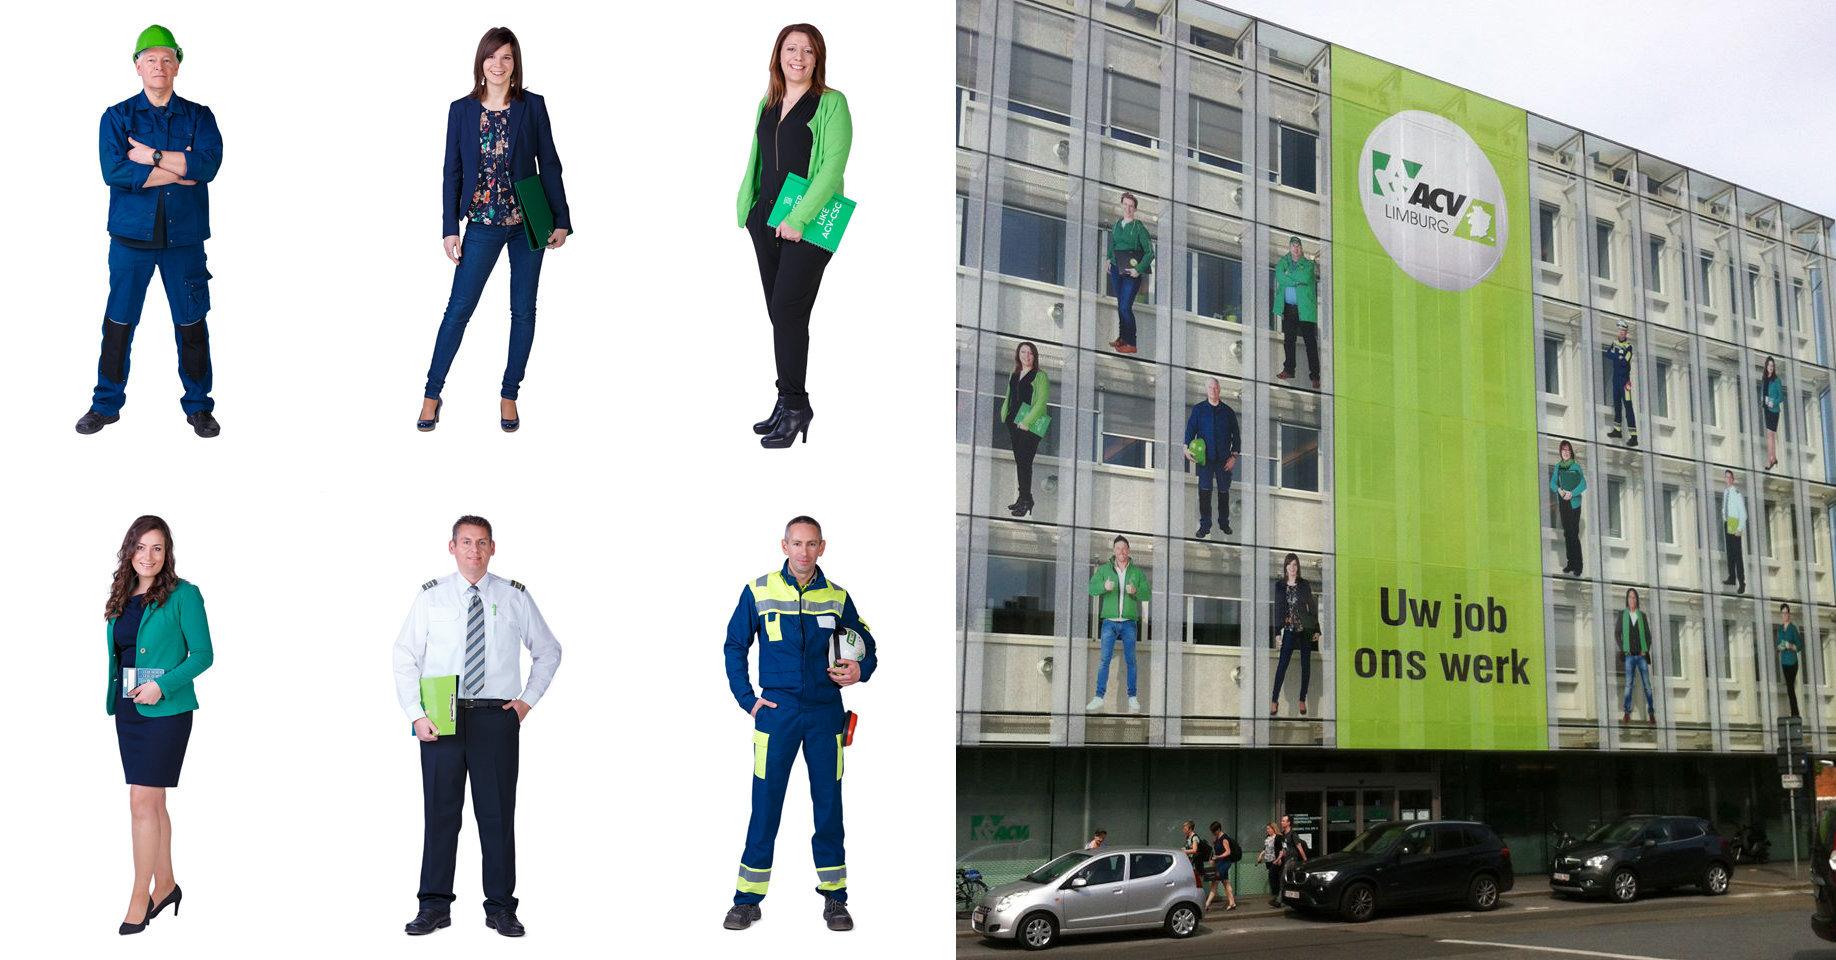 gevelsticker ACV Limburg